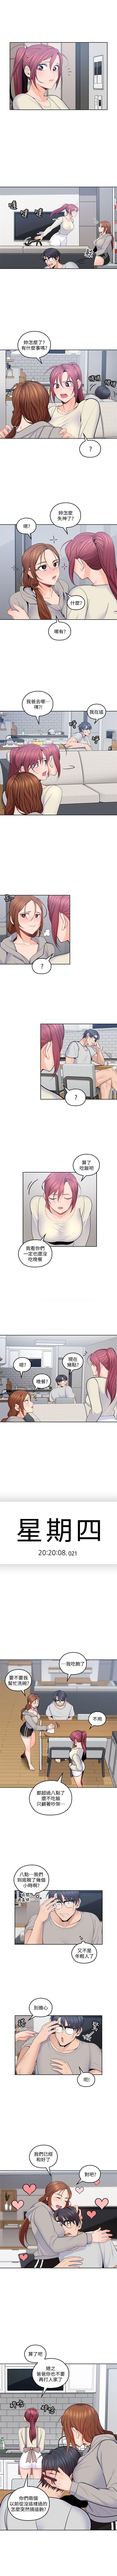 (週4)親愛的大叔 1-39 中文翻譯(更新中) 105